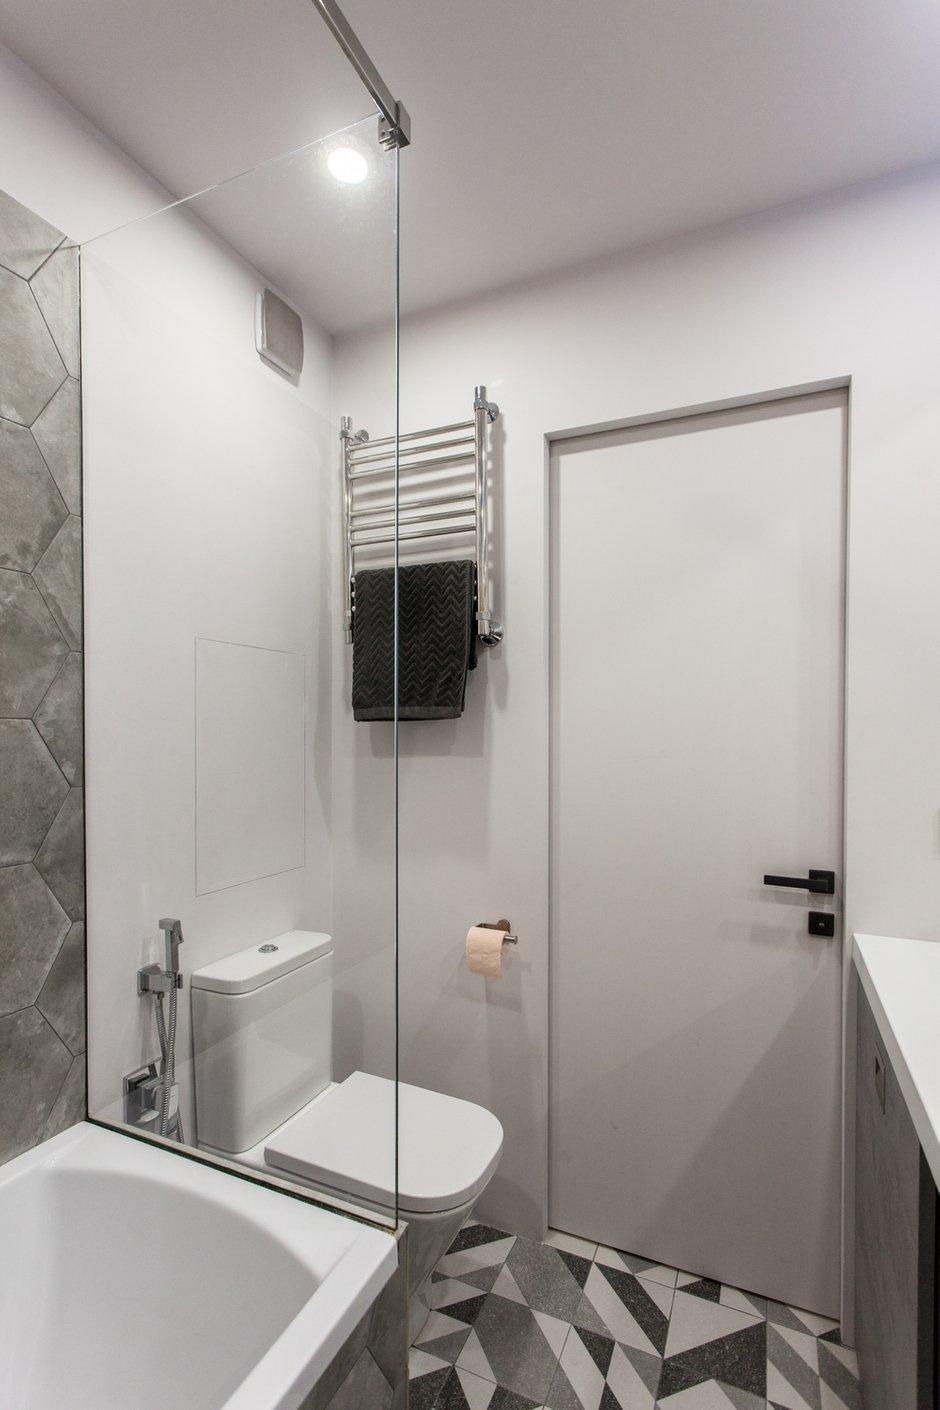 Фотография: Ванная в стиле Современный, Лофт, Квартира, Проект недели, Москва, 1 комната, до 40 метров, 40-60 метров, MiR Buro – фото на INMYROOM